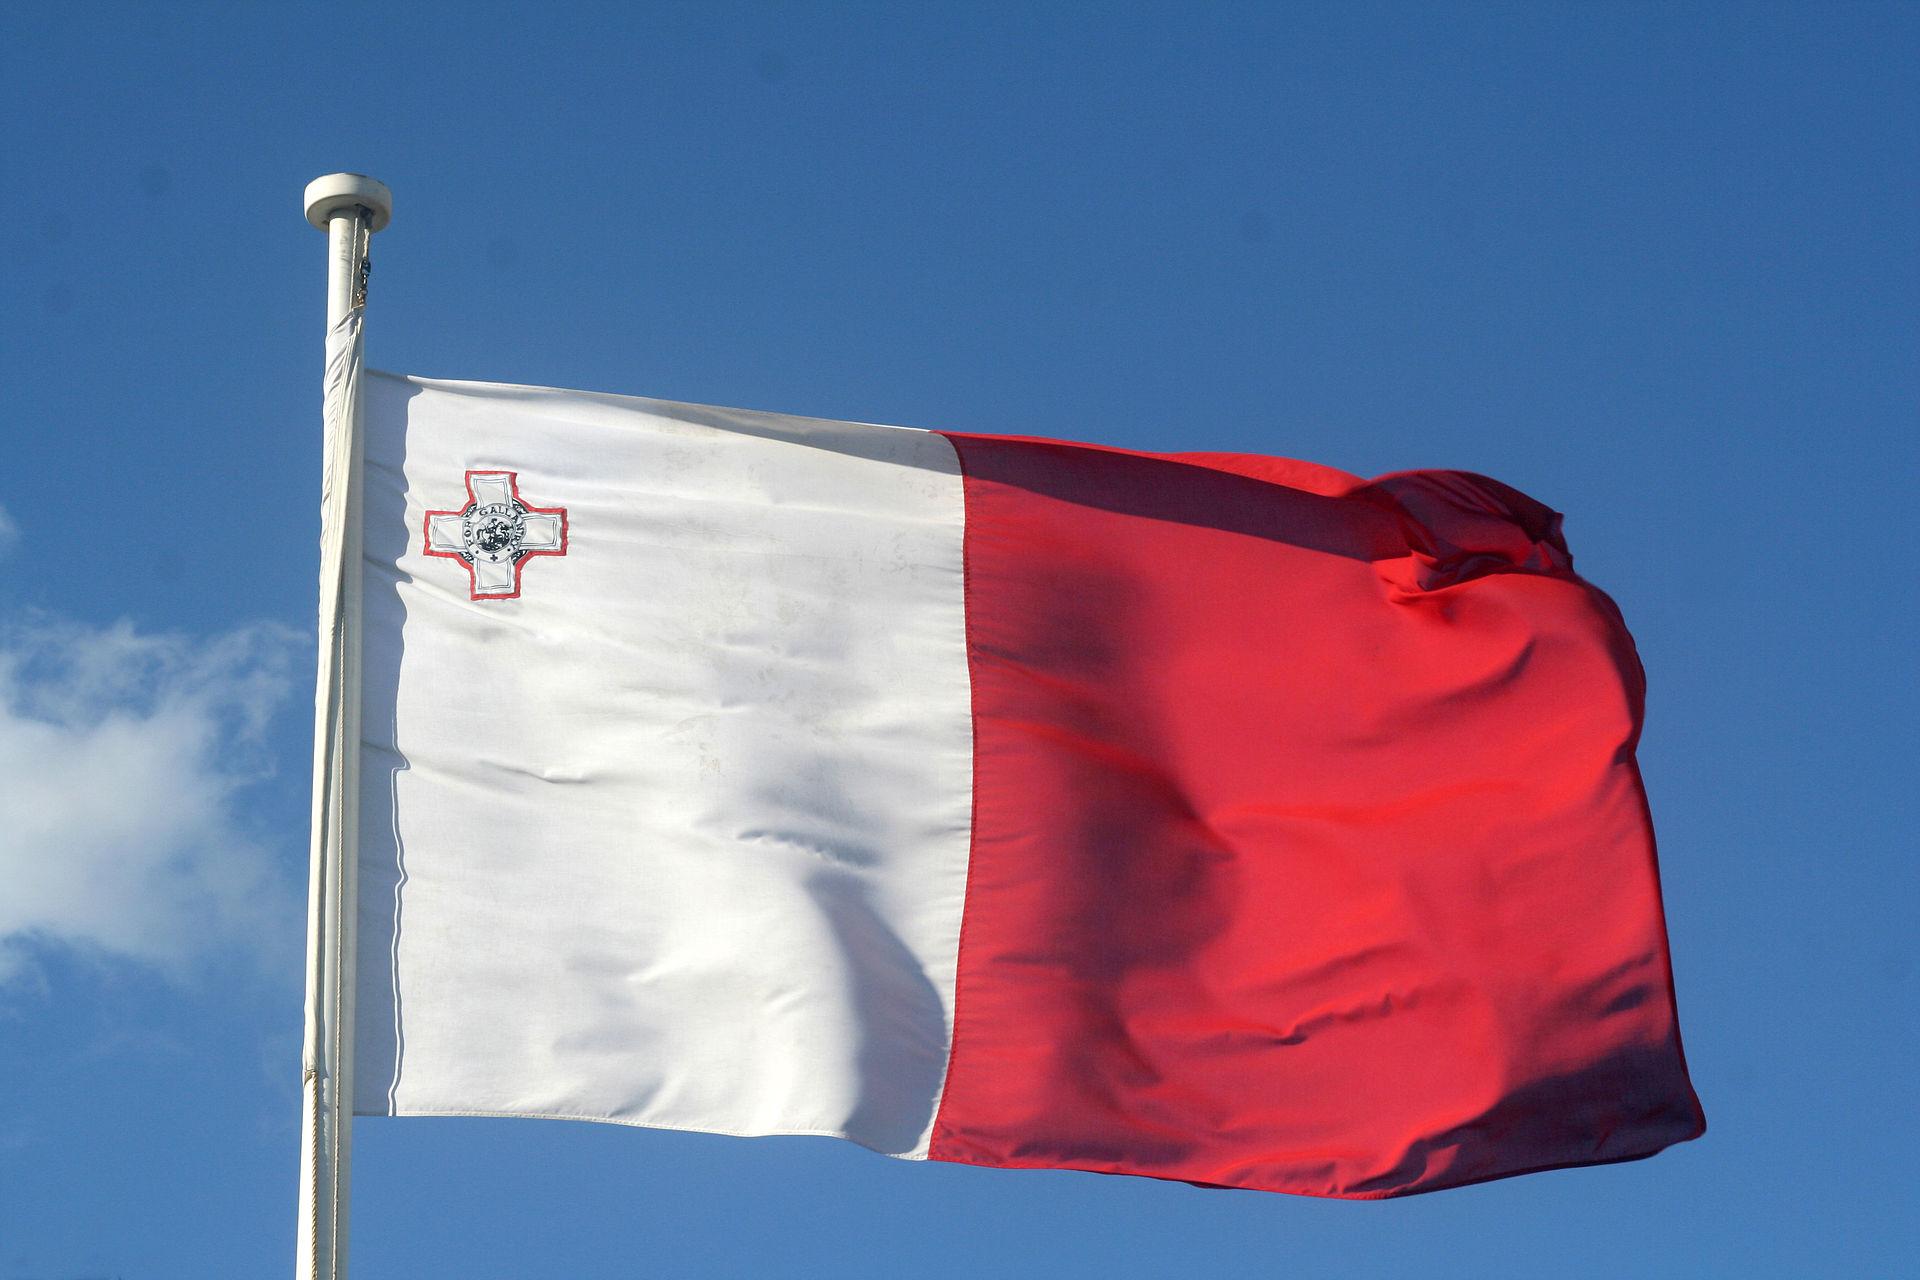 Image du drapeau Maltais. Eu Coordination agence de traduction de/vers le Maltais et plus de 60 langues.